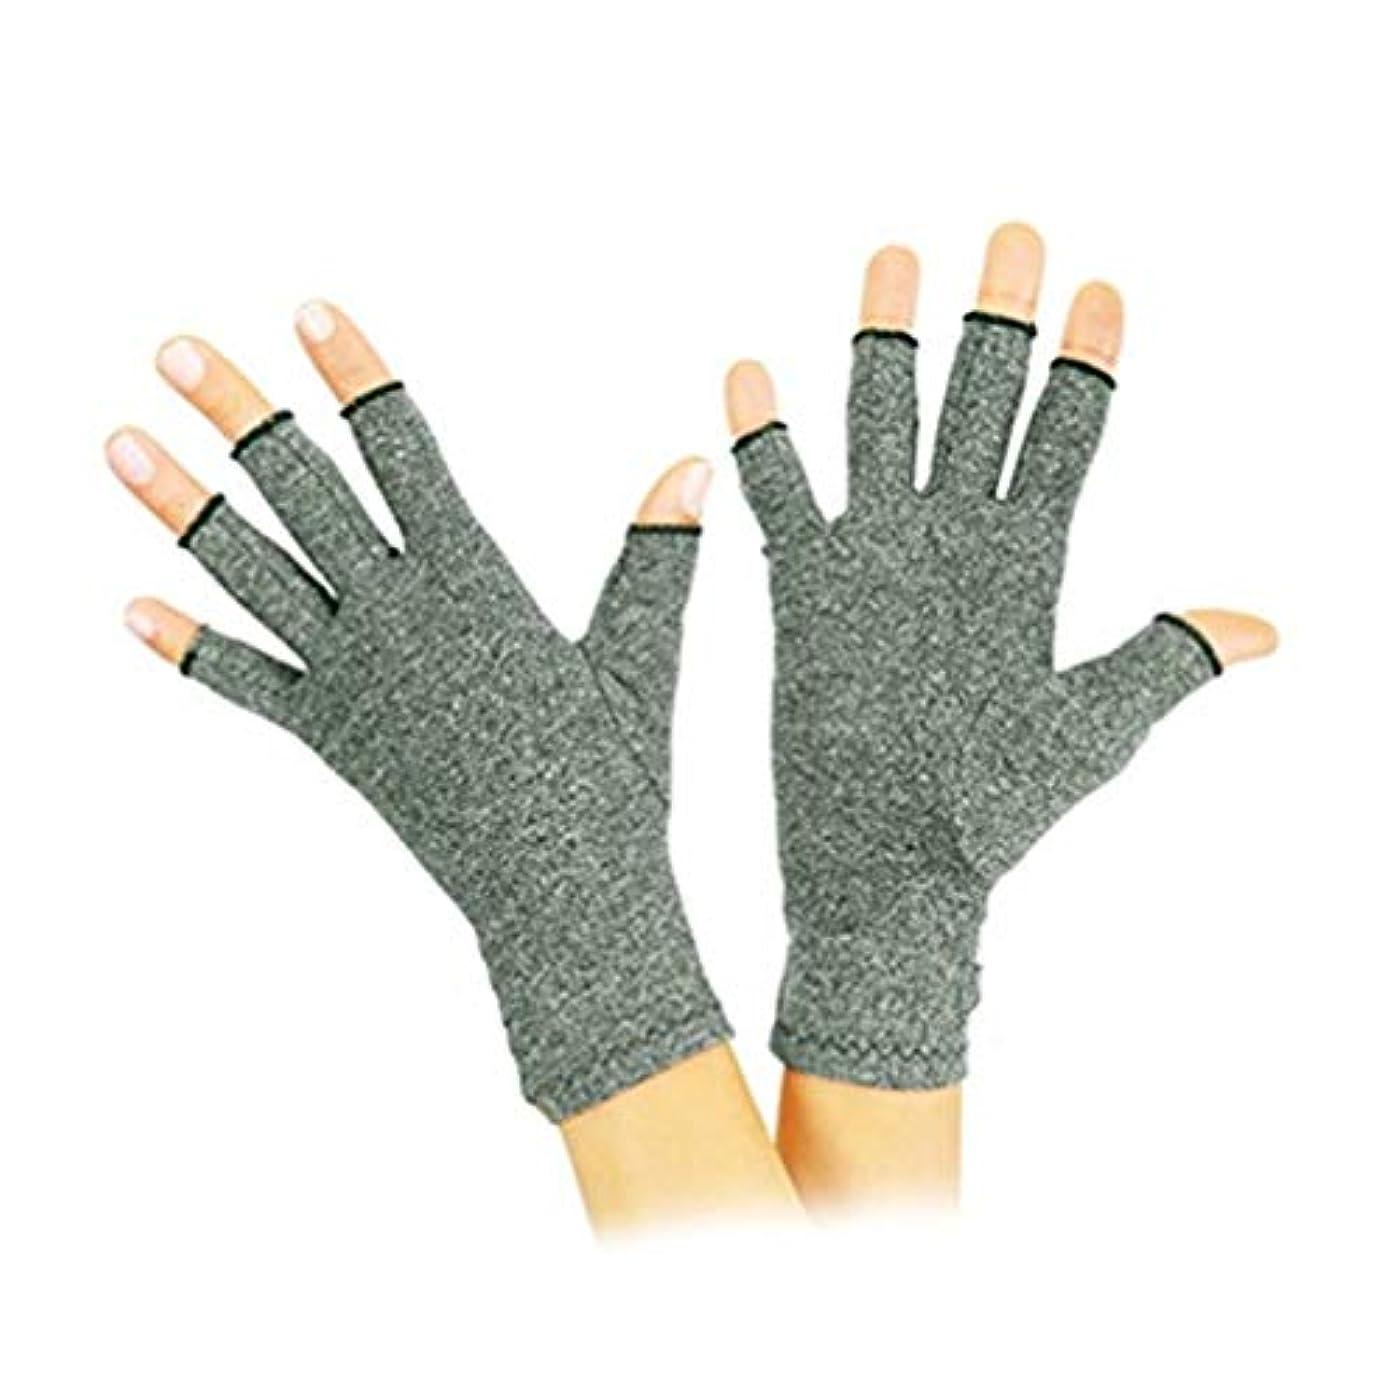 貫通するブラウズ揮発性関節リウマチリウマチ性変形性関節症用手袋圧縮手袋コンピュータ入力用痛み緩和